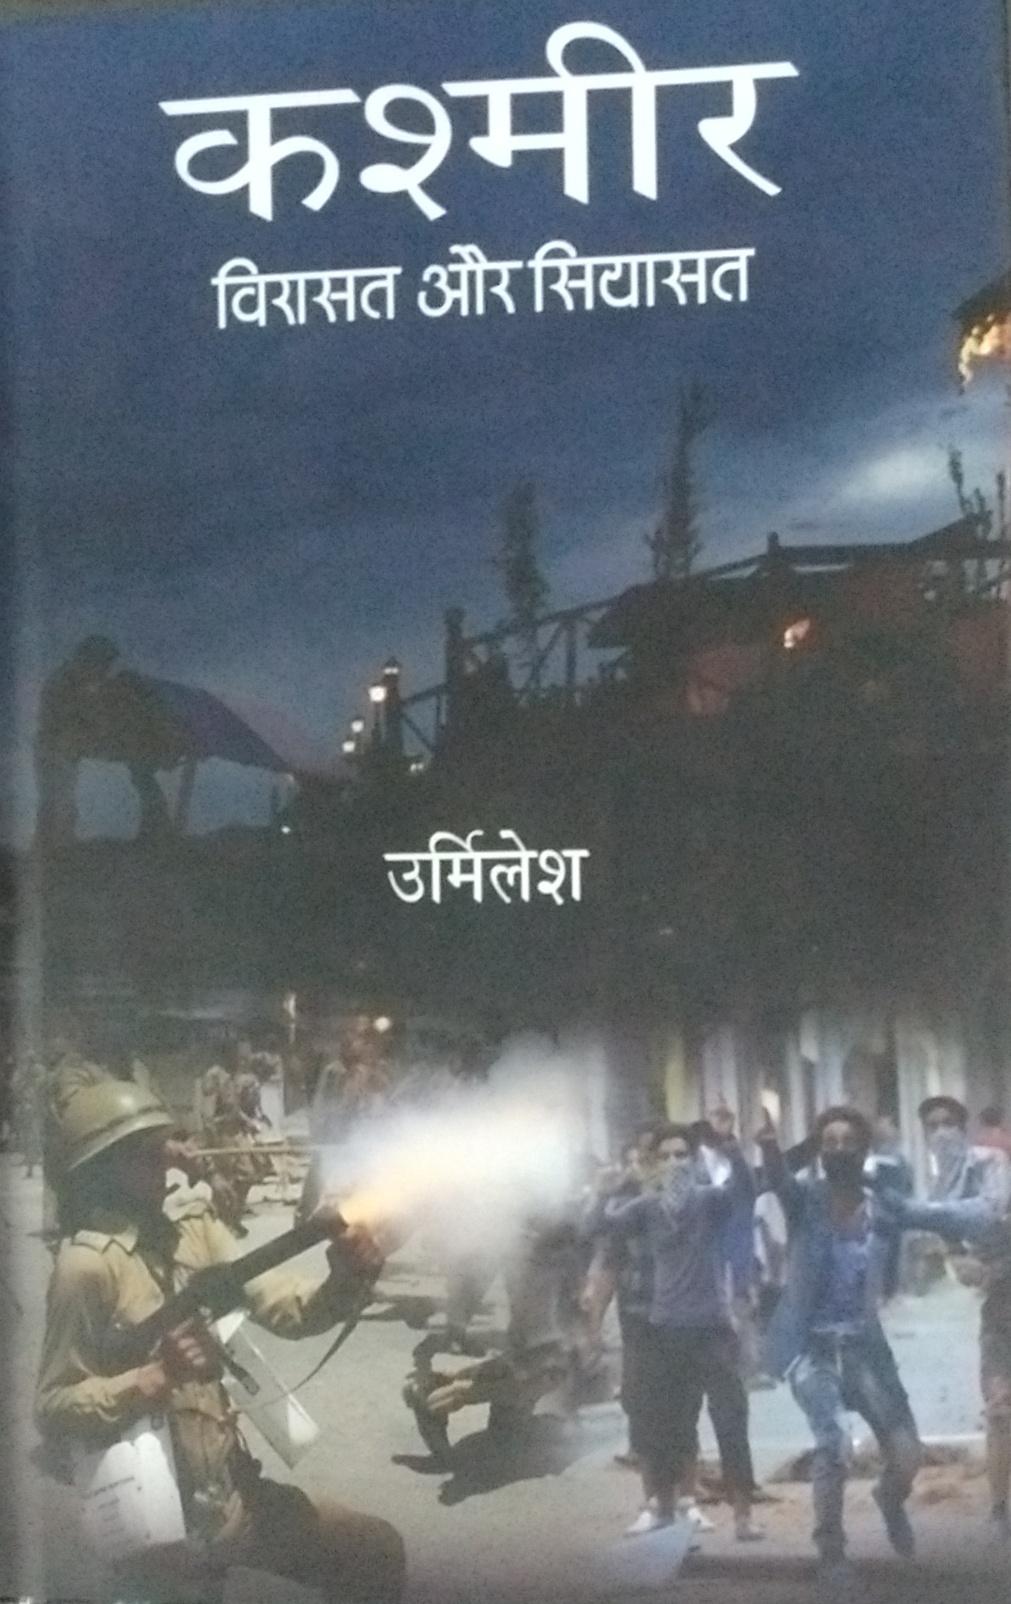 Kashmir: Virasat aur Siyasat (Ghati me Algav aur A…